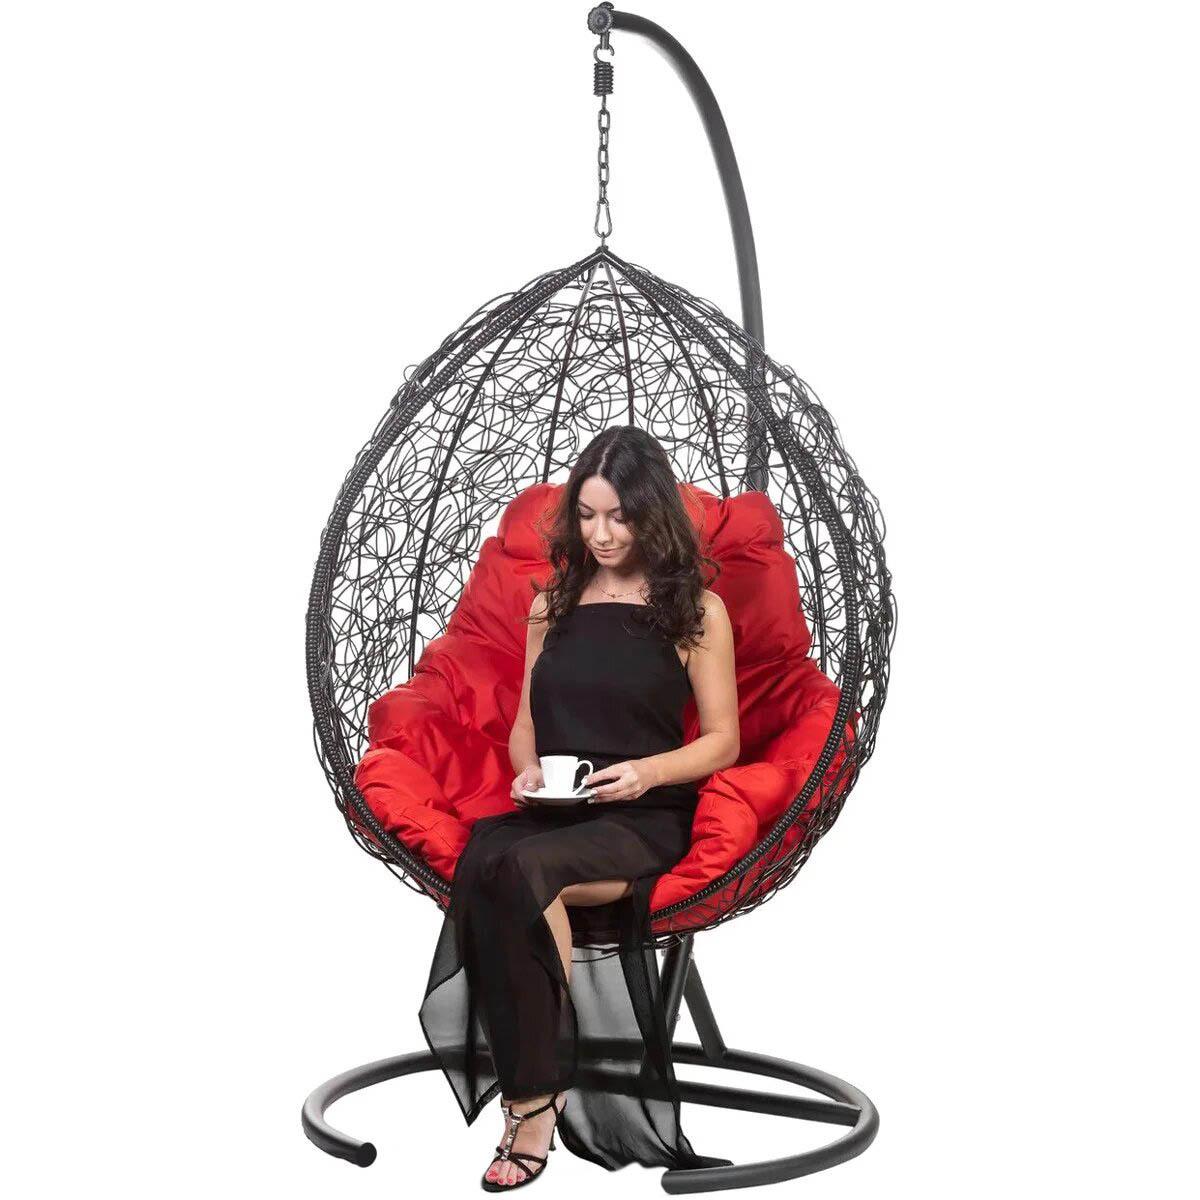 Подвесные кресла Подвесное кресло TROPICA BLACK TropicaBlackR-3.jpg